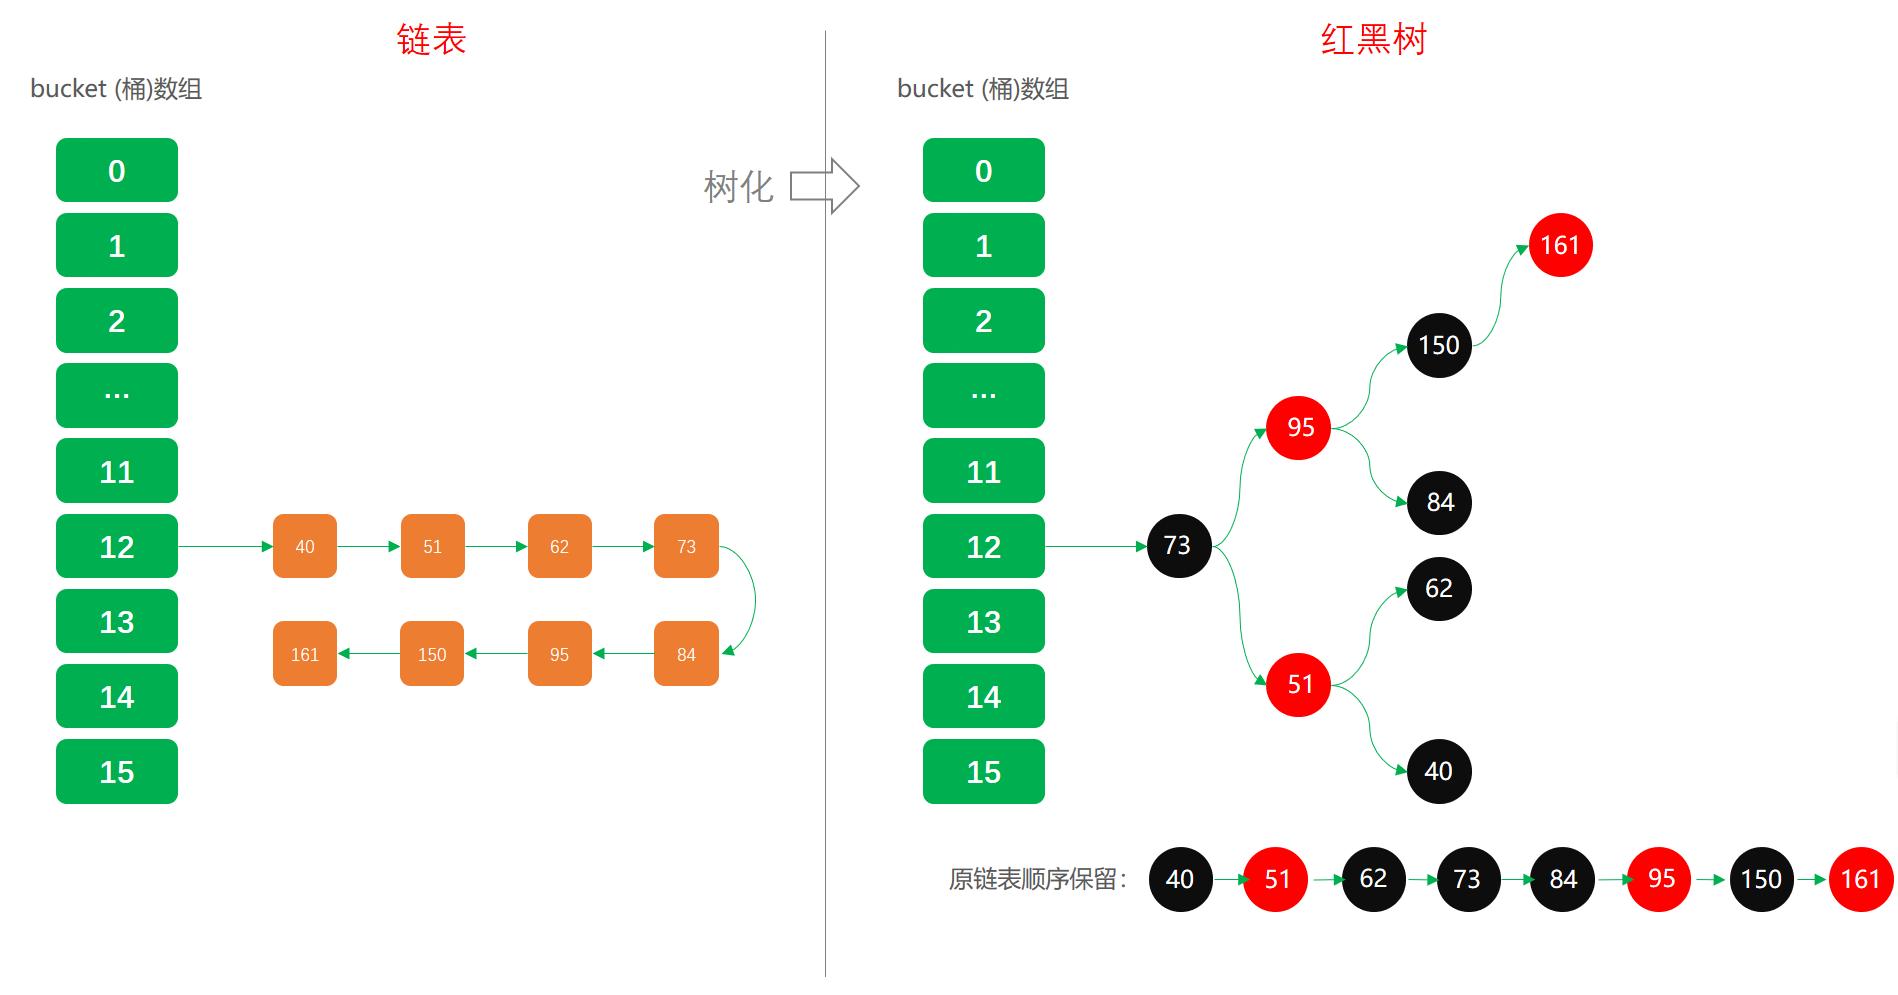 微信公众号:bugstack虫洞栈,链表转红黑树